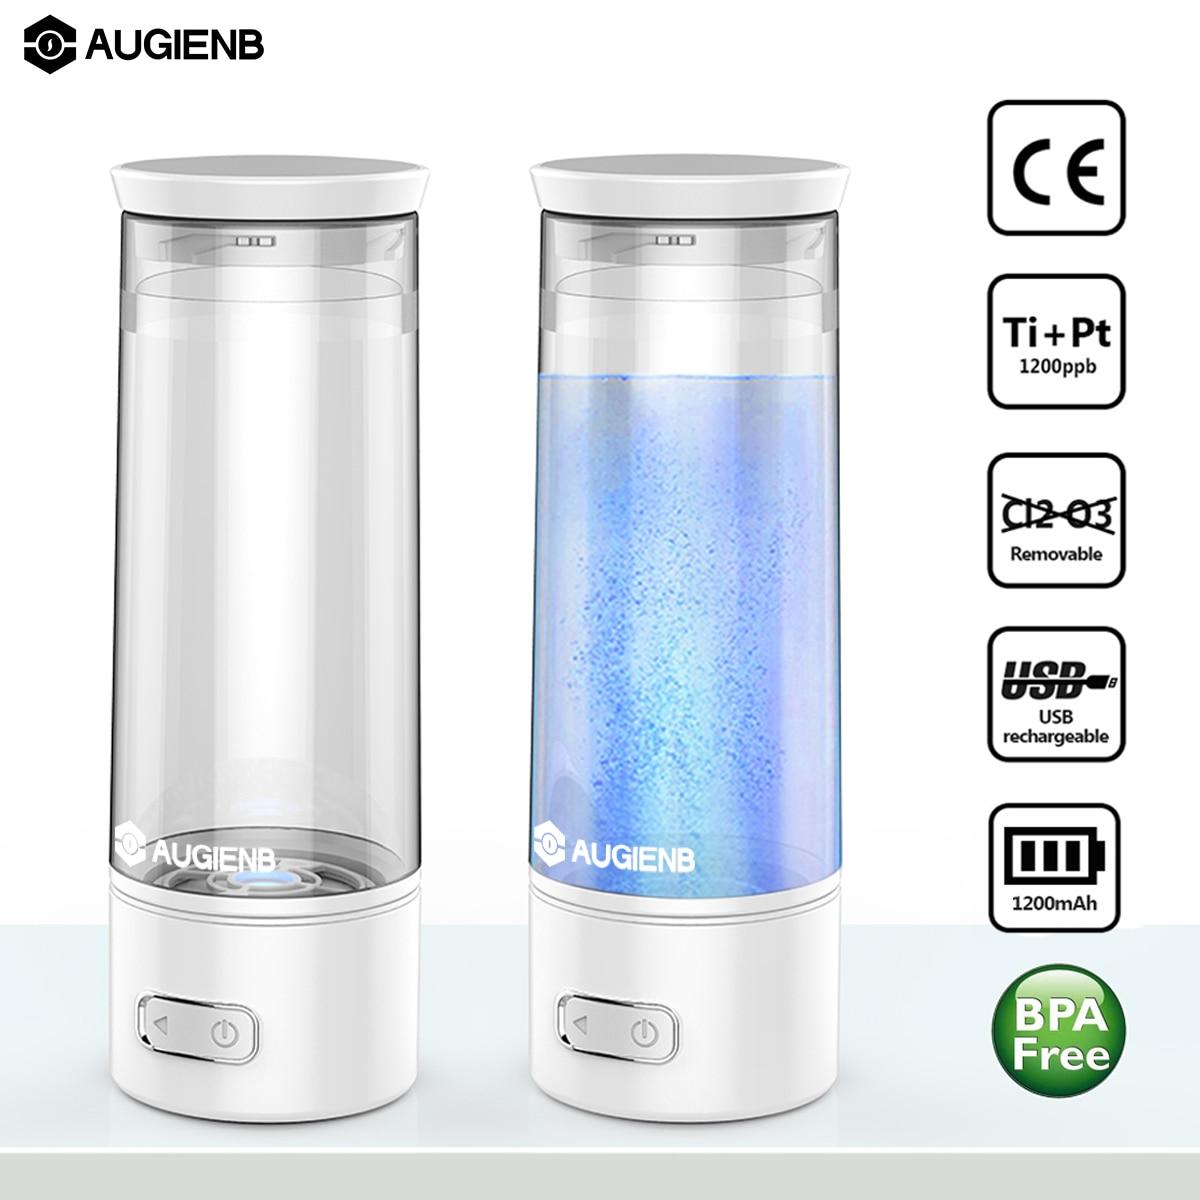 Augienb High-Reiche Wasserstoff Wasserflasche Ionisator Generator Wasserstoff Sauerstoff Trennung Alkaline Energie Tasse Filter USB Rechargable